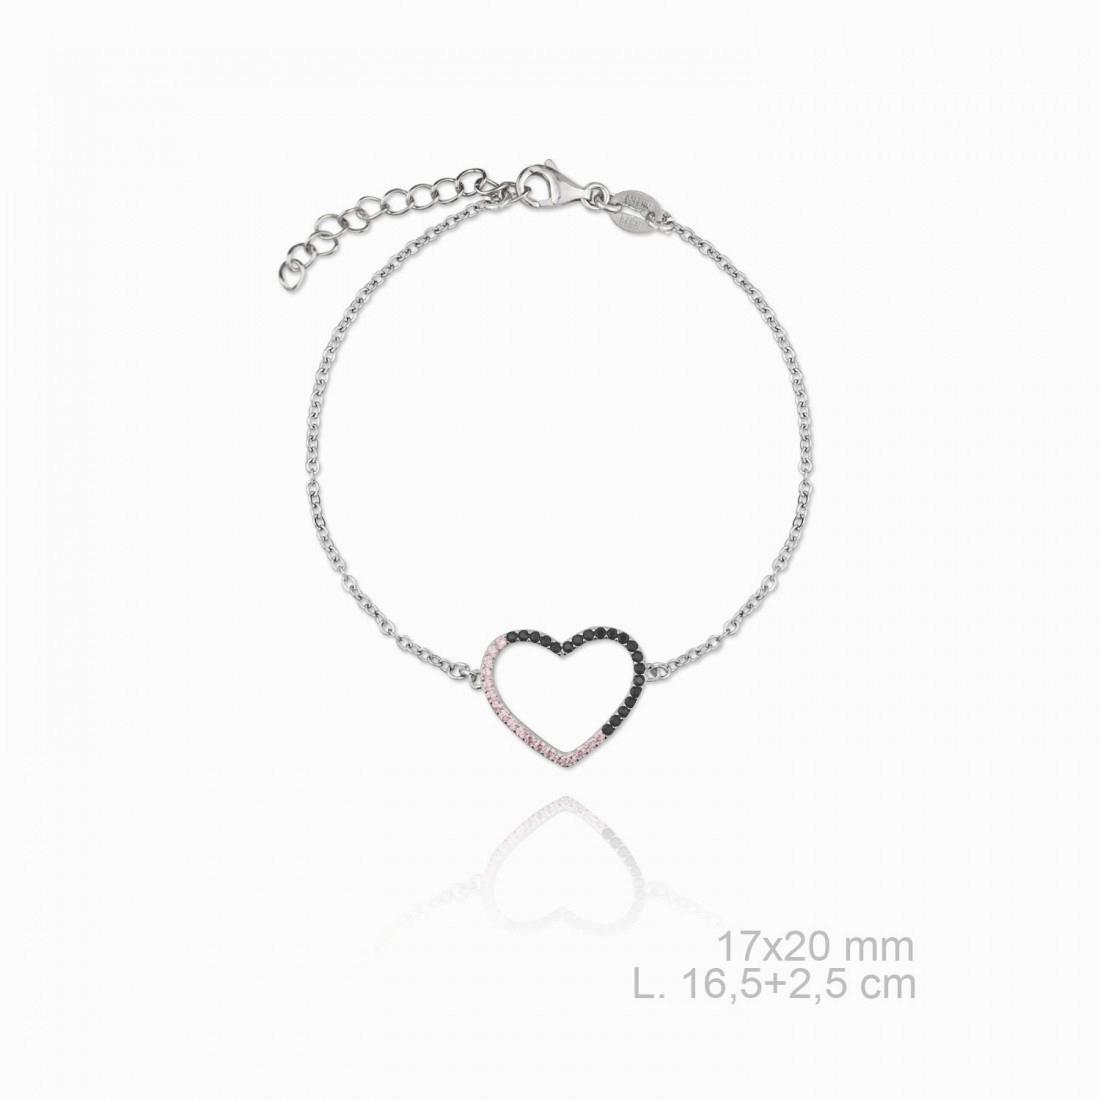 Pulsera Corazon Bicolor NsP/710042 Plata de Ley Pulsera de cadena con corazón al centro cuajado de circonitas rosas y negras. Longitud de la pulsera 16.5 cm más una cadenita de 2.5 cm para poder graduar la medida lo que hace que tenga una longitud total de 19 cm. Diámetro del corazón 17 x 20 mm. La pulsera cuenta con una protección para que no se ensucie a la vez que le confiere una mayor intensidad en el brillo.